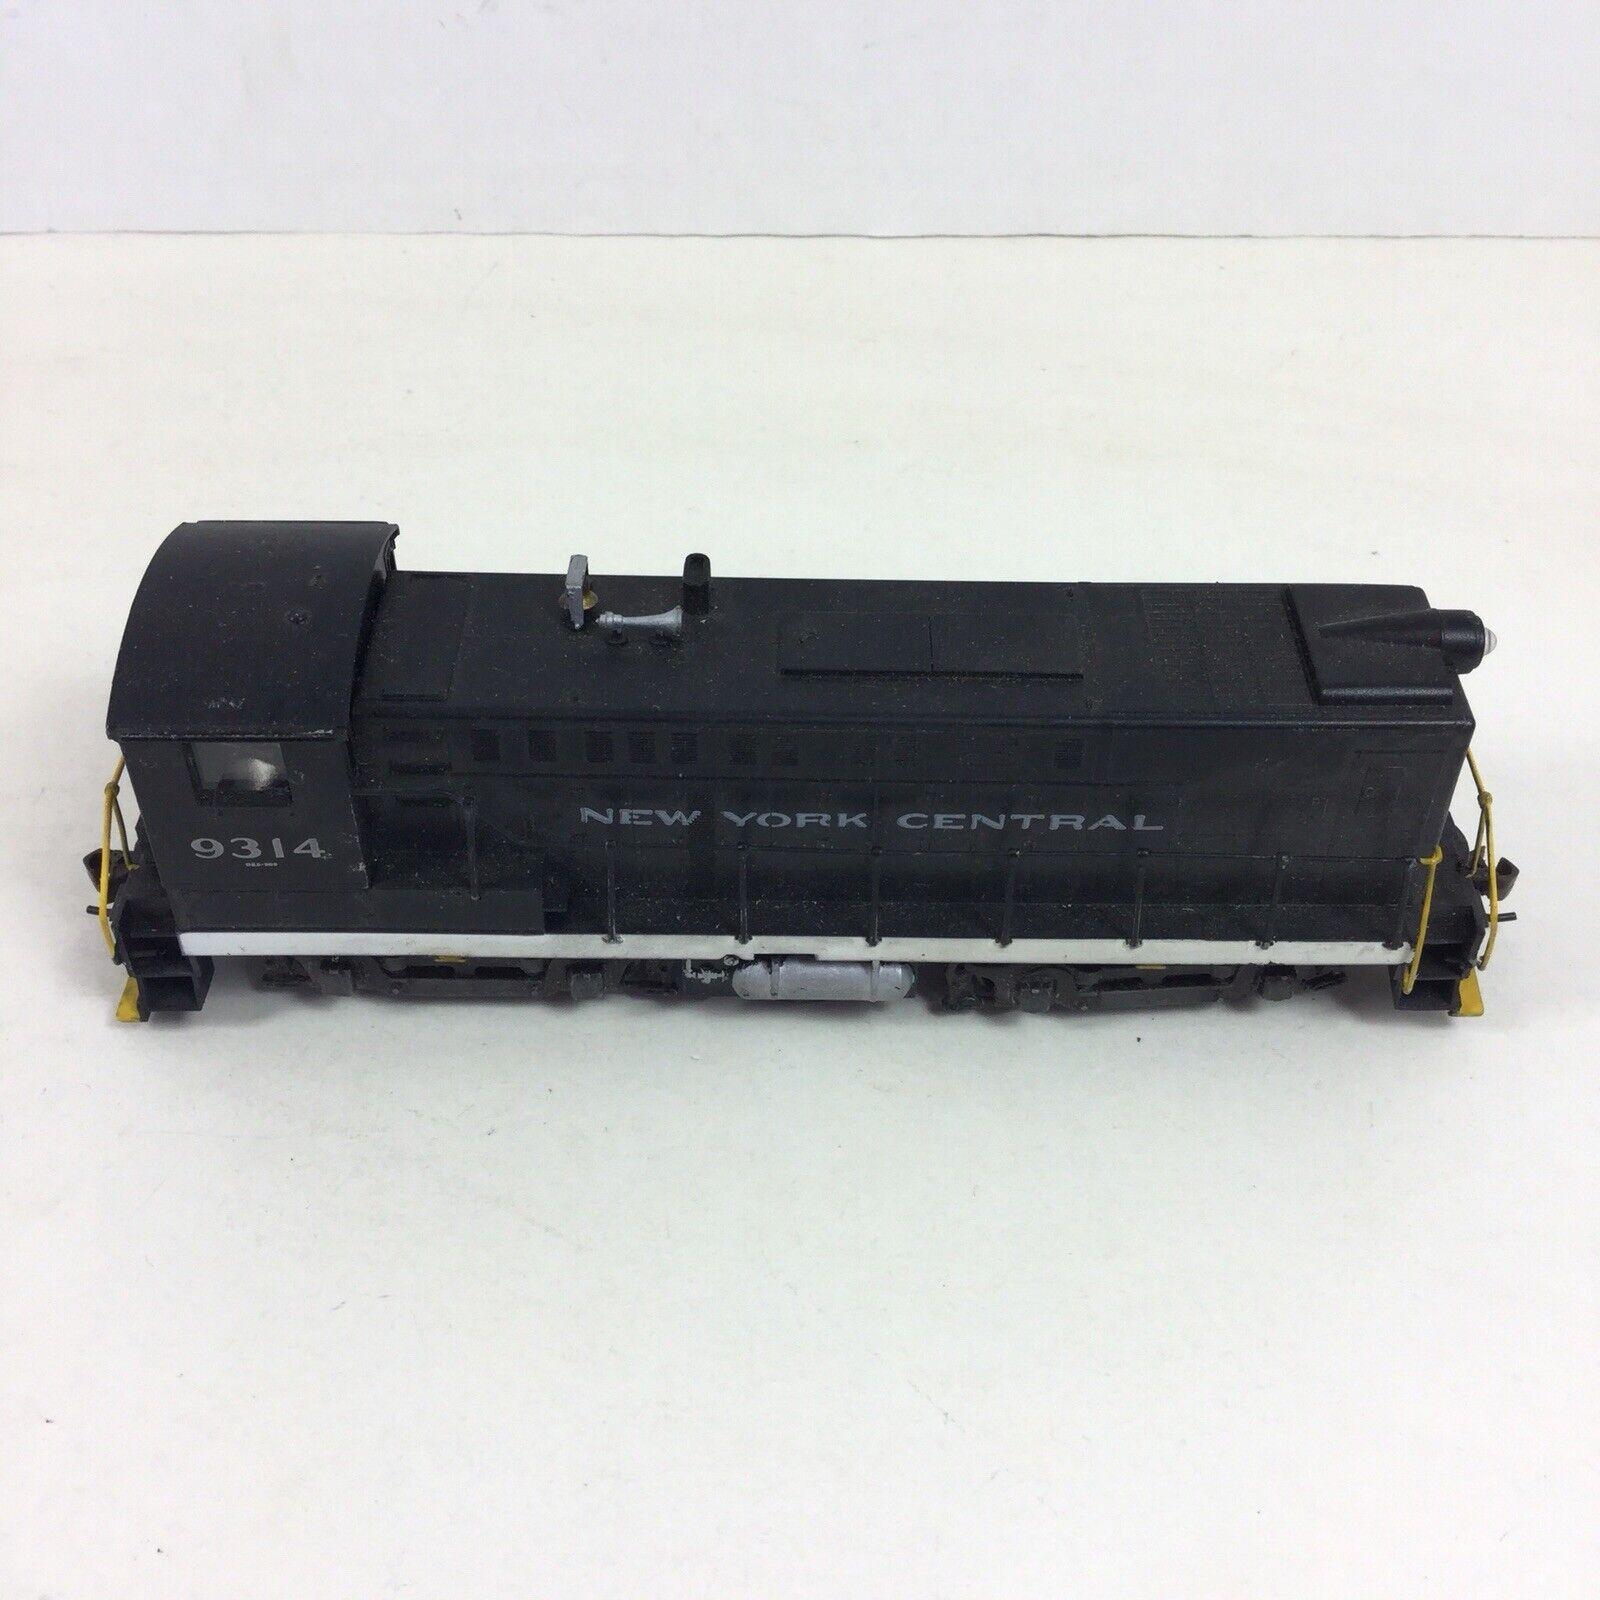 Athearn Escala Ho Nueva York Central 9314 Locomotora Diesel Motor Sin Probar